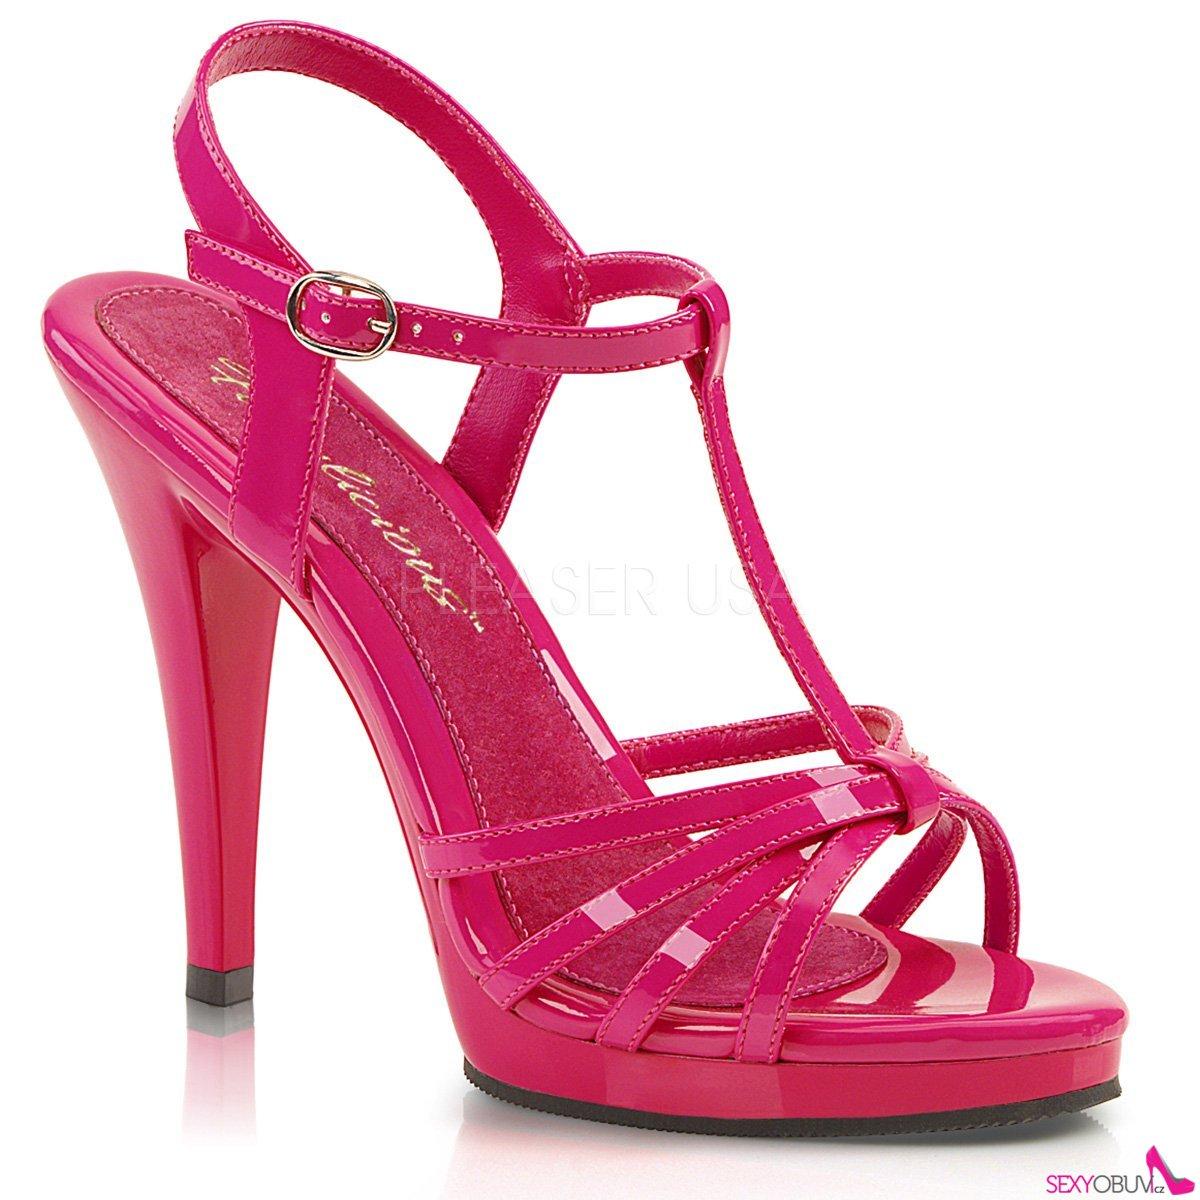 FLAIR-420 Tmavě růžové sandálky na vysokém podpatku a nízké platformě d5773a8c17